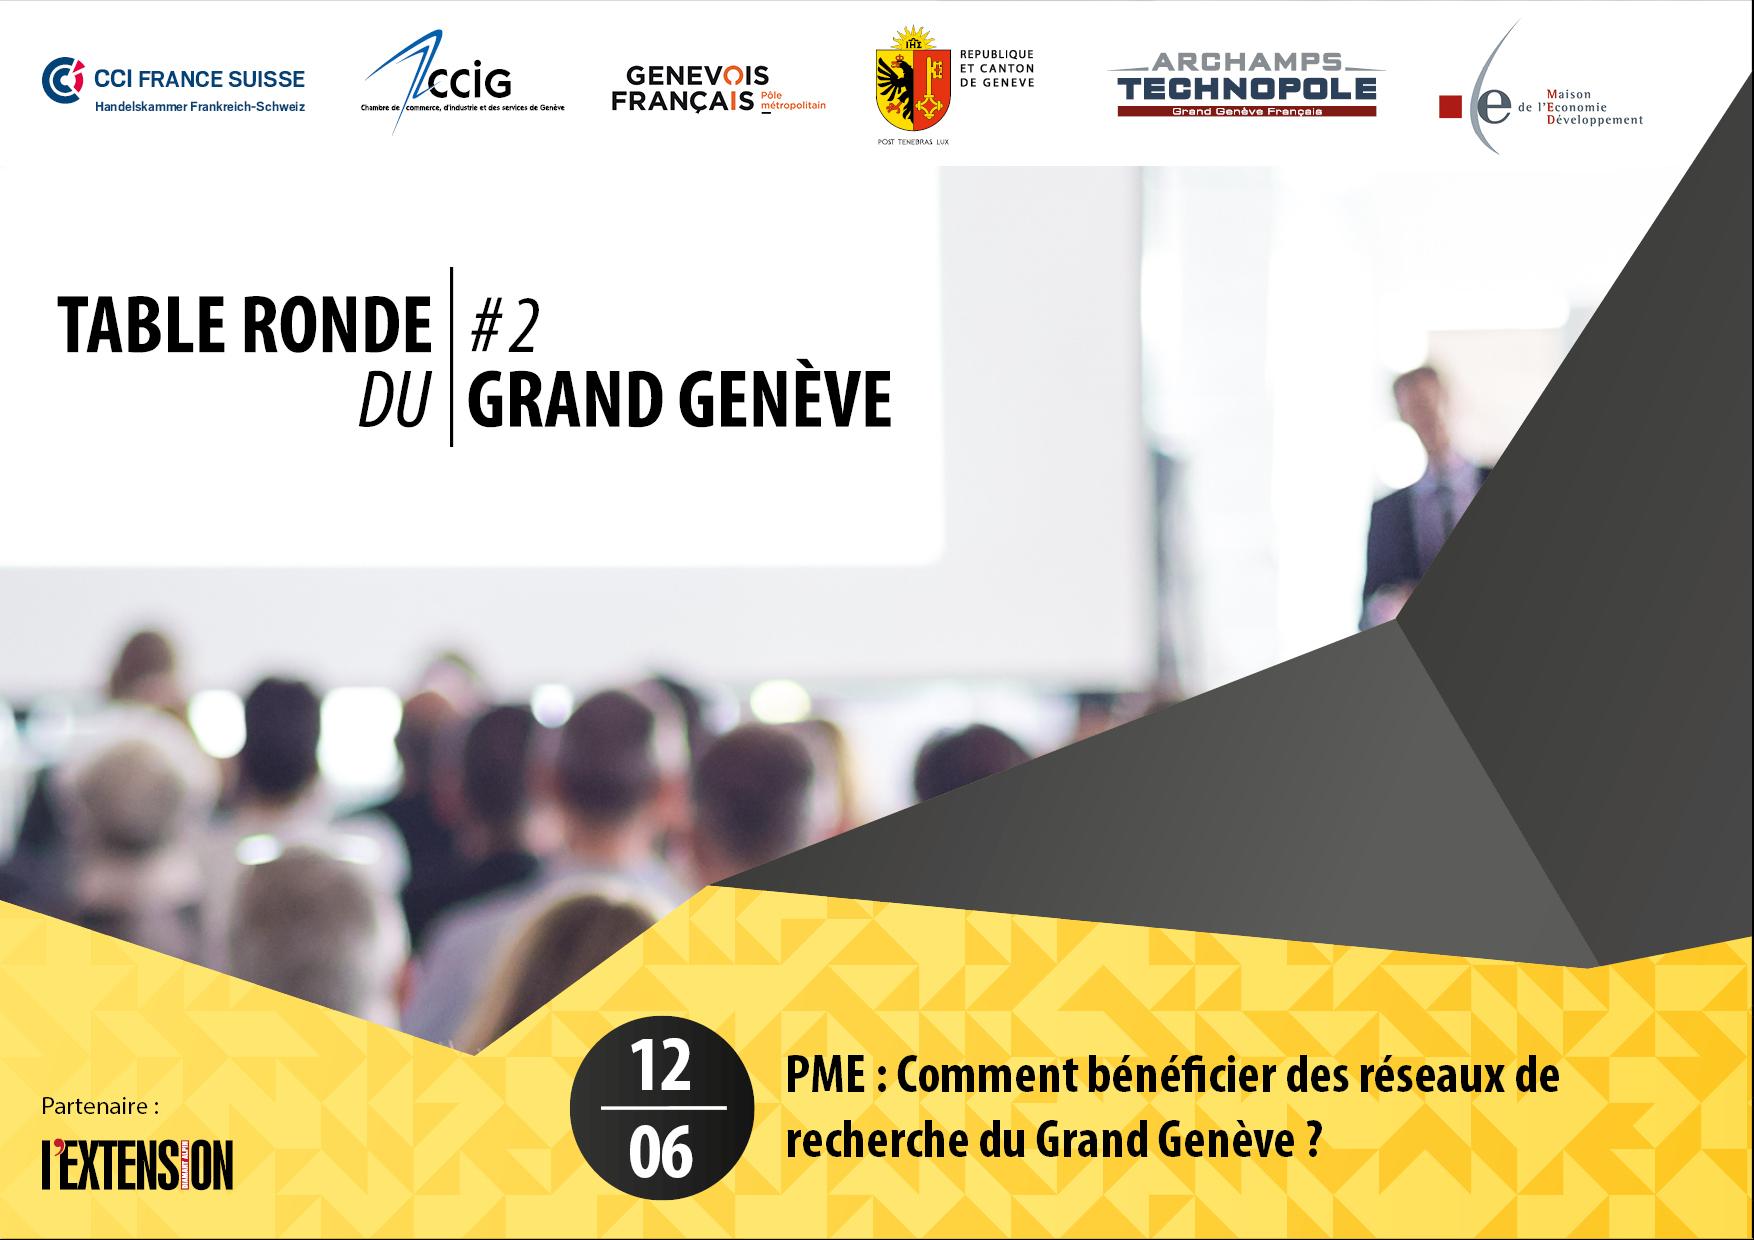 PME : Comment bénéficier des réseaux de recherche du Grand Genève ?